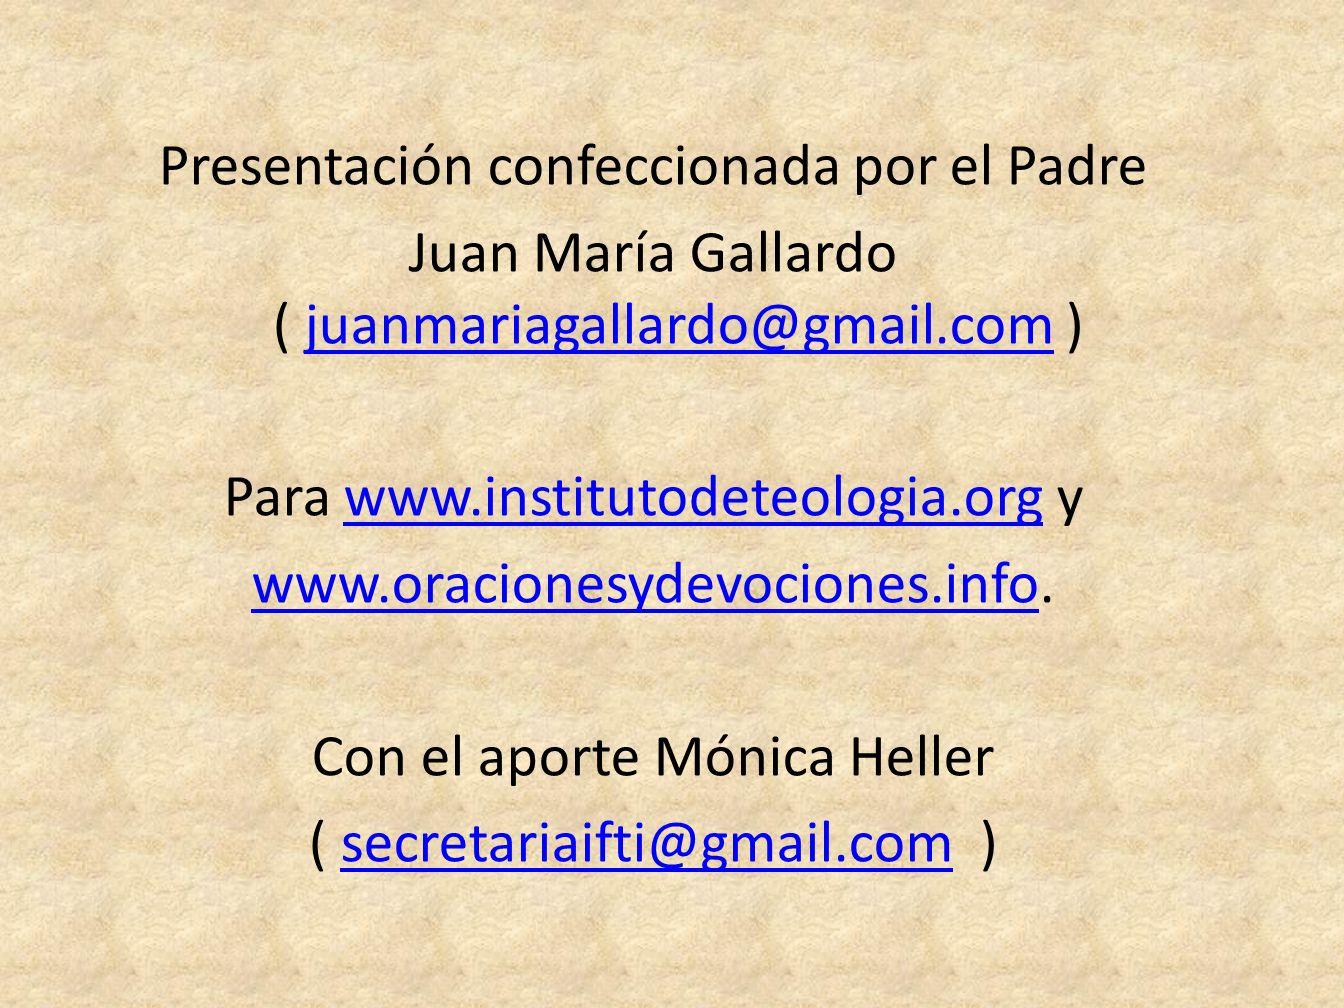 Presentación confeccionada por el Padre Juan María Gallardo ( juanmariagallardo@gmail.com ) Para www.institutodeteologia.org y www.oracionesydevociones.info.